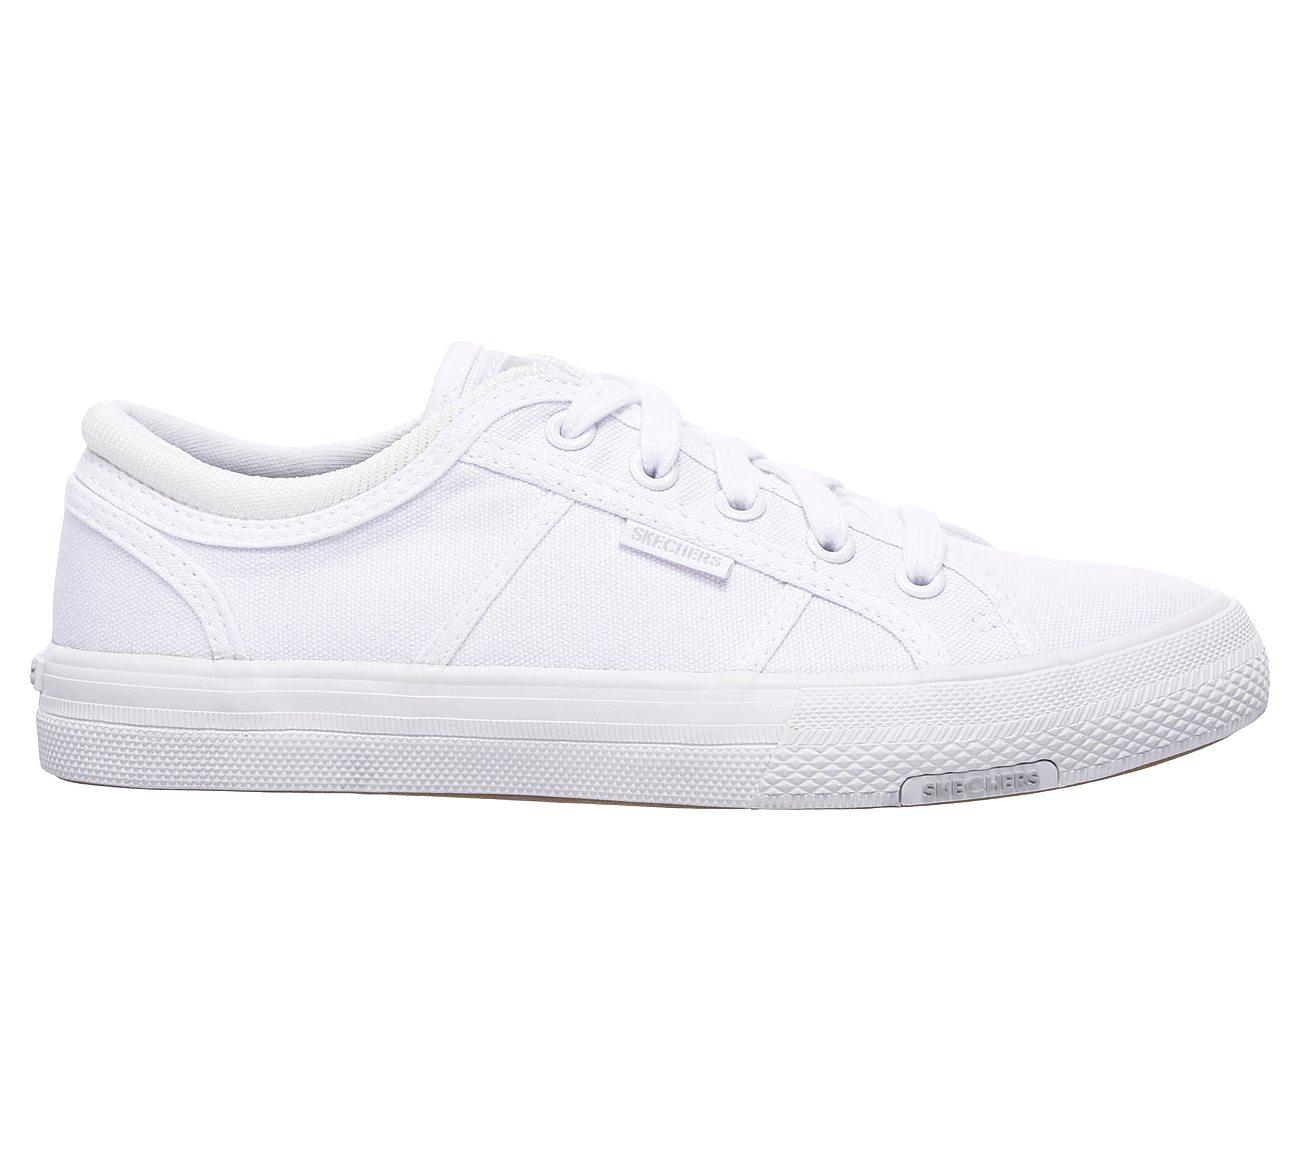 9065e7970330 Buy SKECHERS Utopia - Get Low Originals Shoes only  50.00